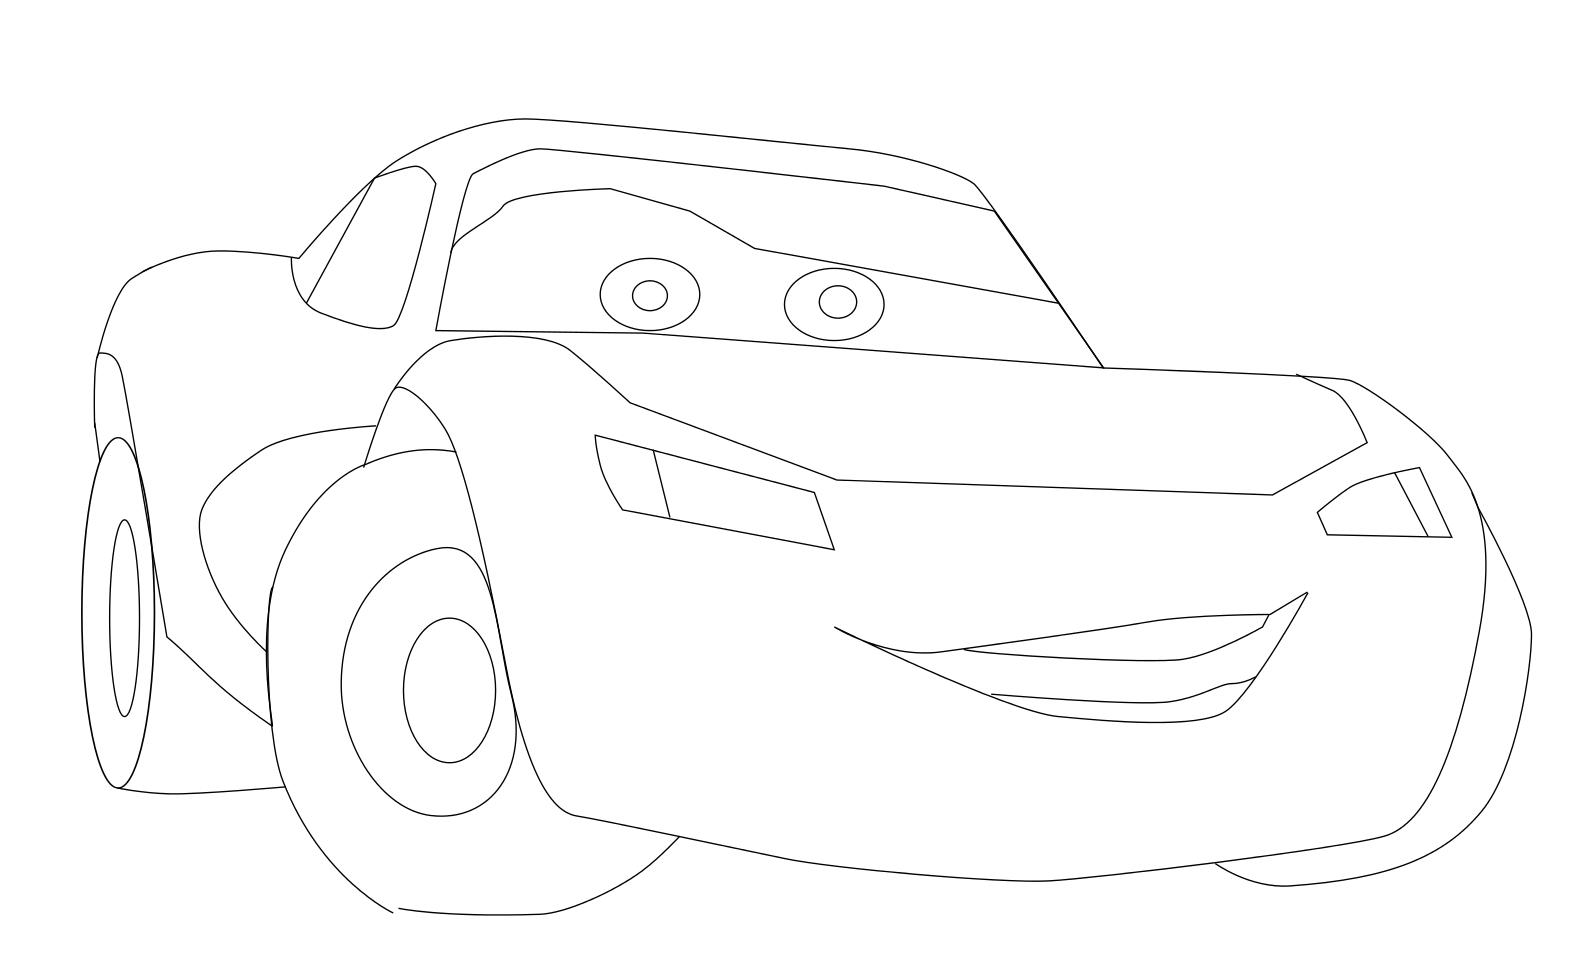 dessin à colorier de voiture flash mcqueen